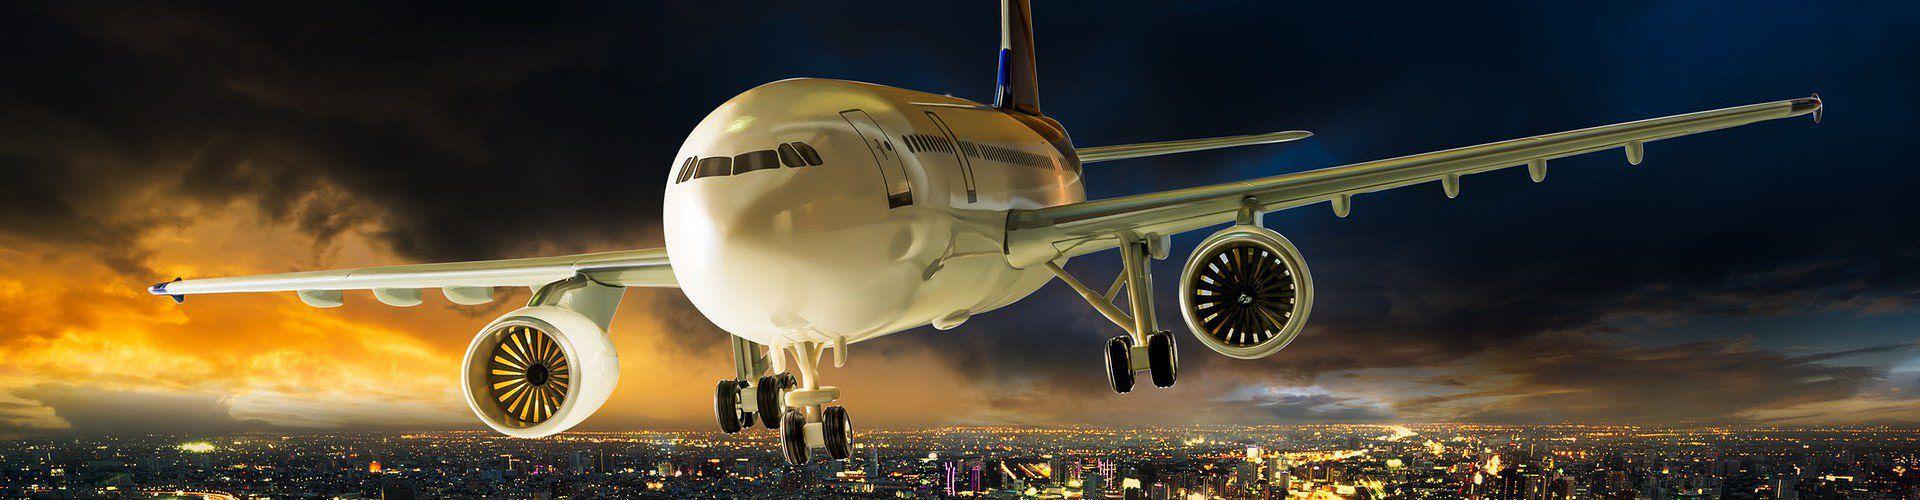 Zdjęcie samolotu pochodzi z serwisu Shutterstock